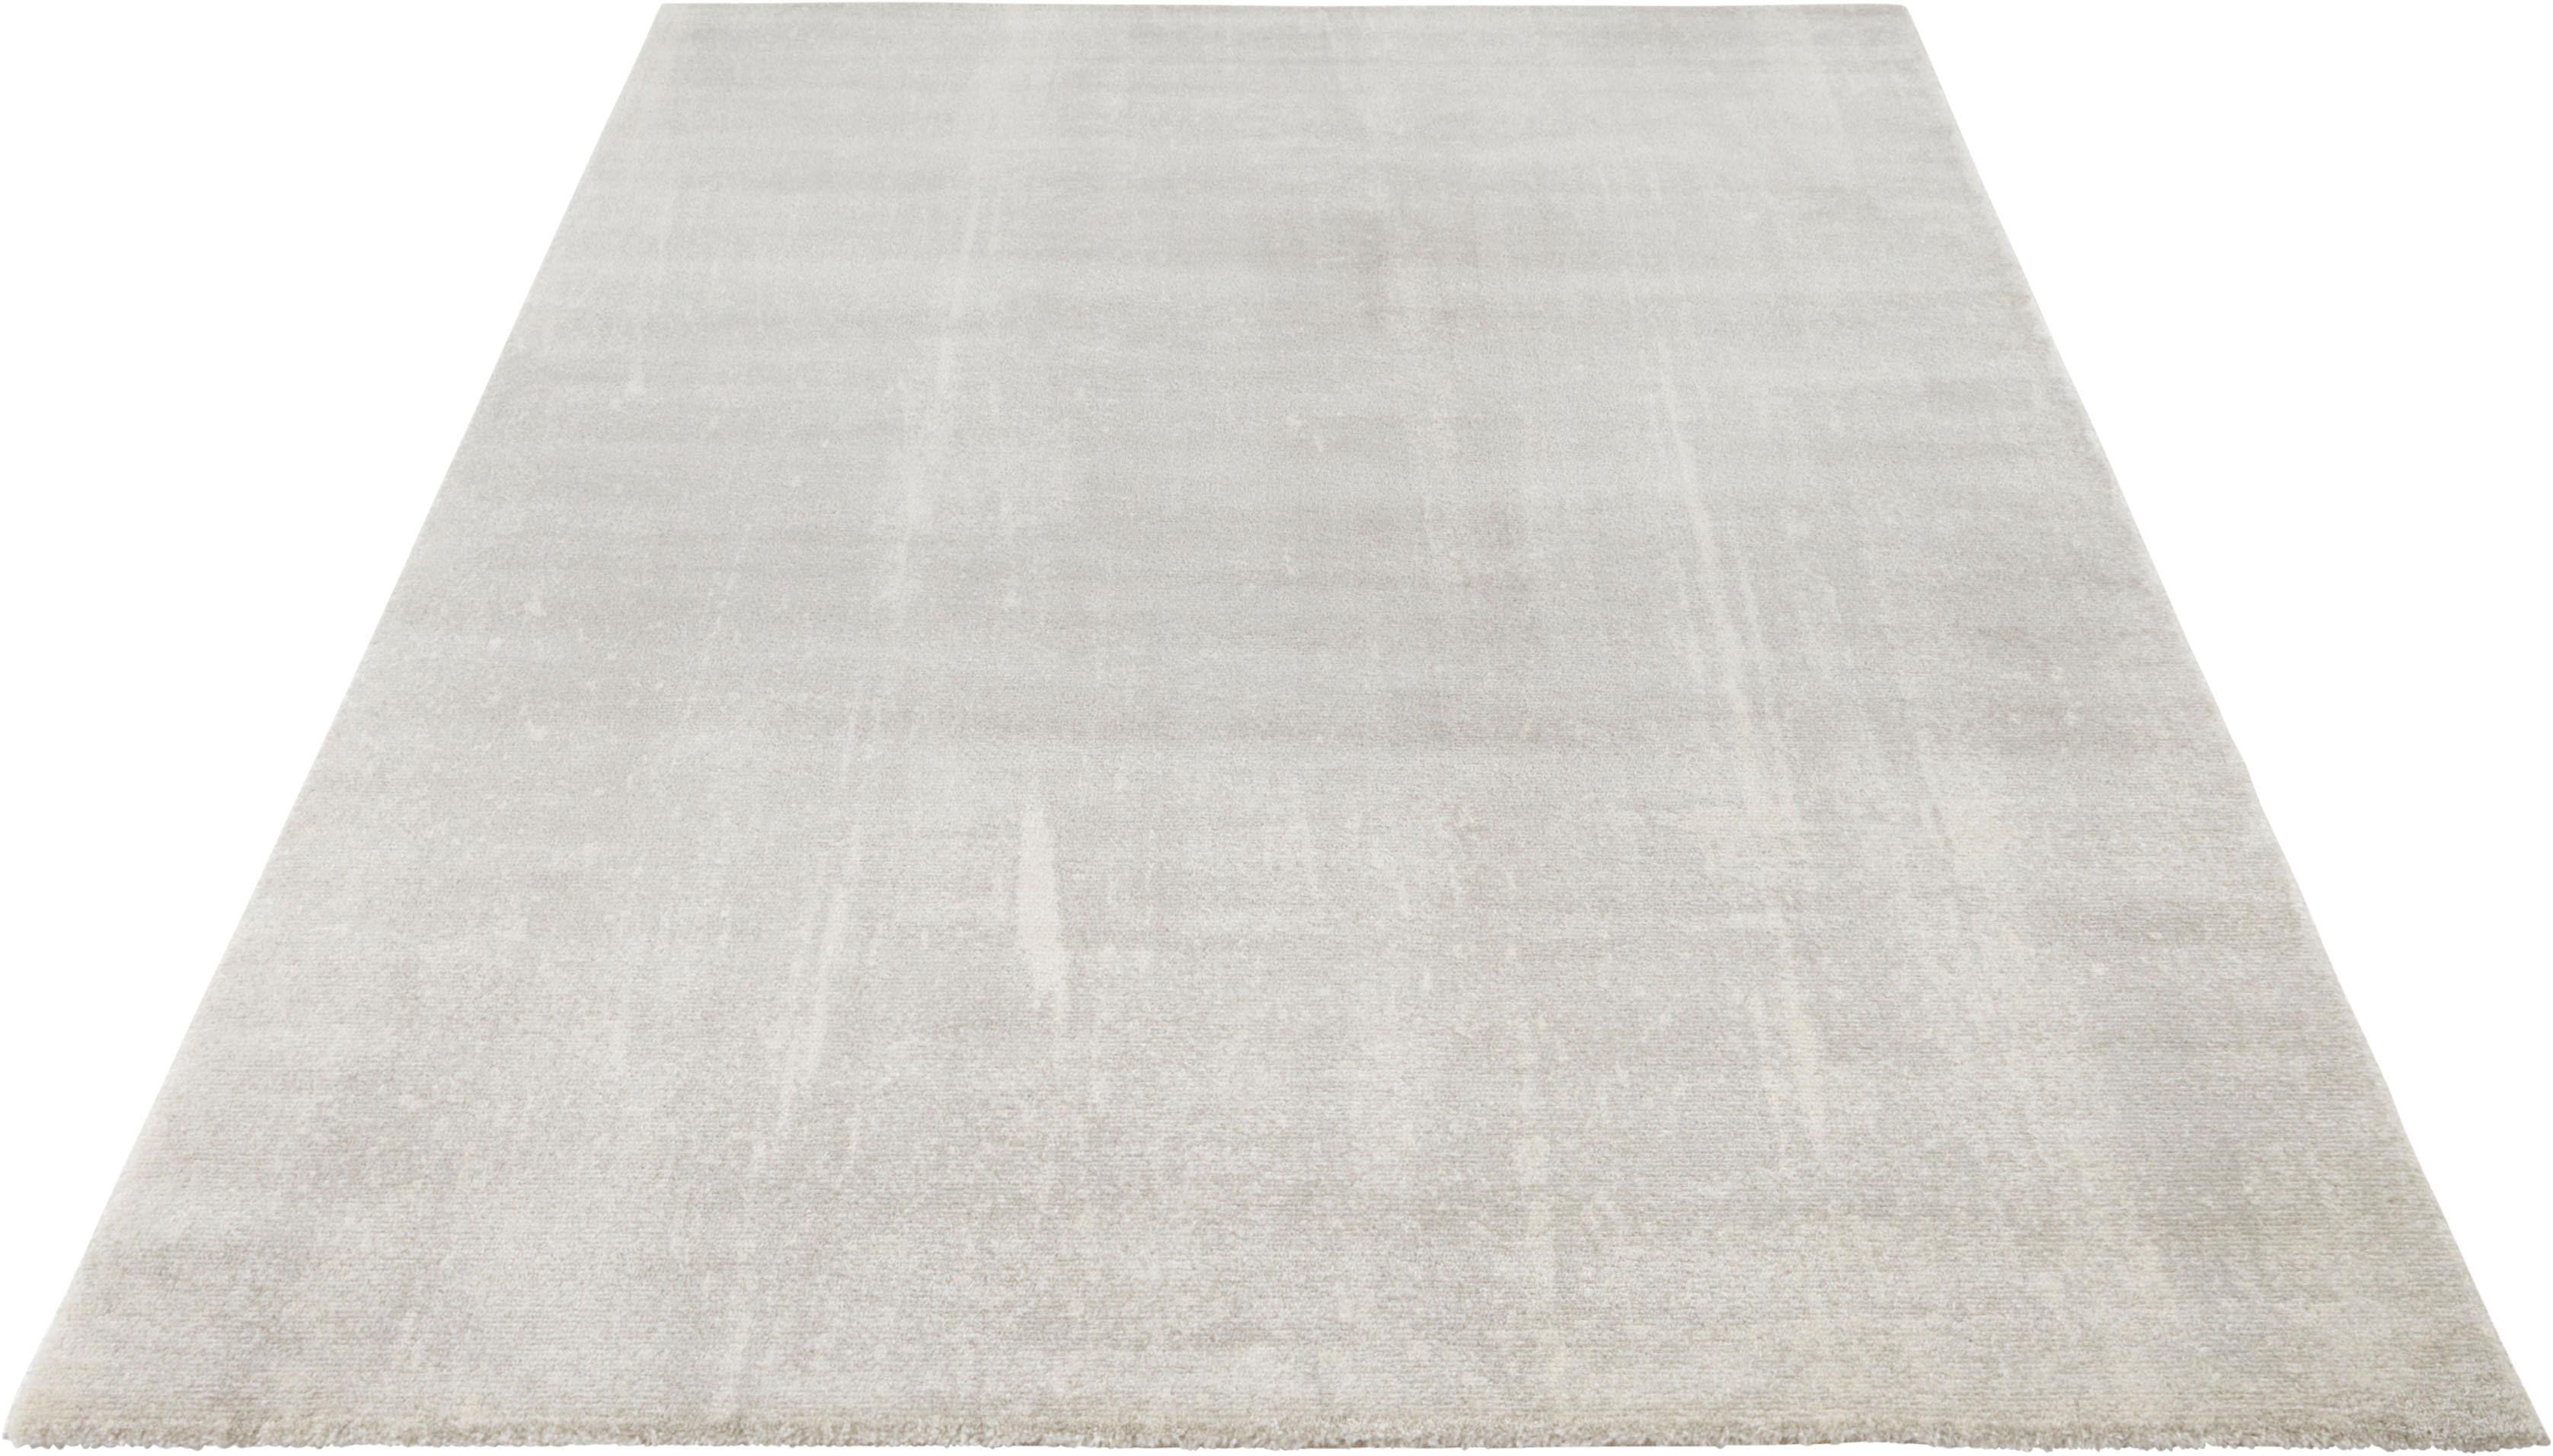 Teppich Cambrai ELLE Decor rechteckig Höhe 12 mm maschinell gewebt